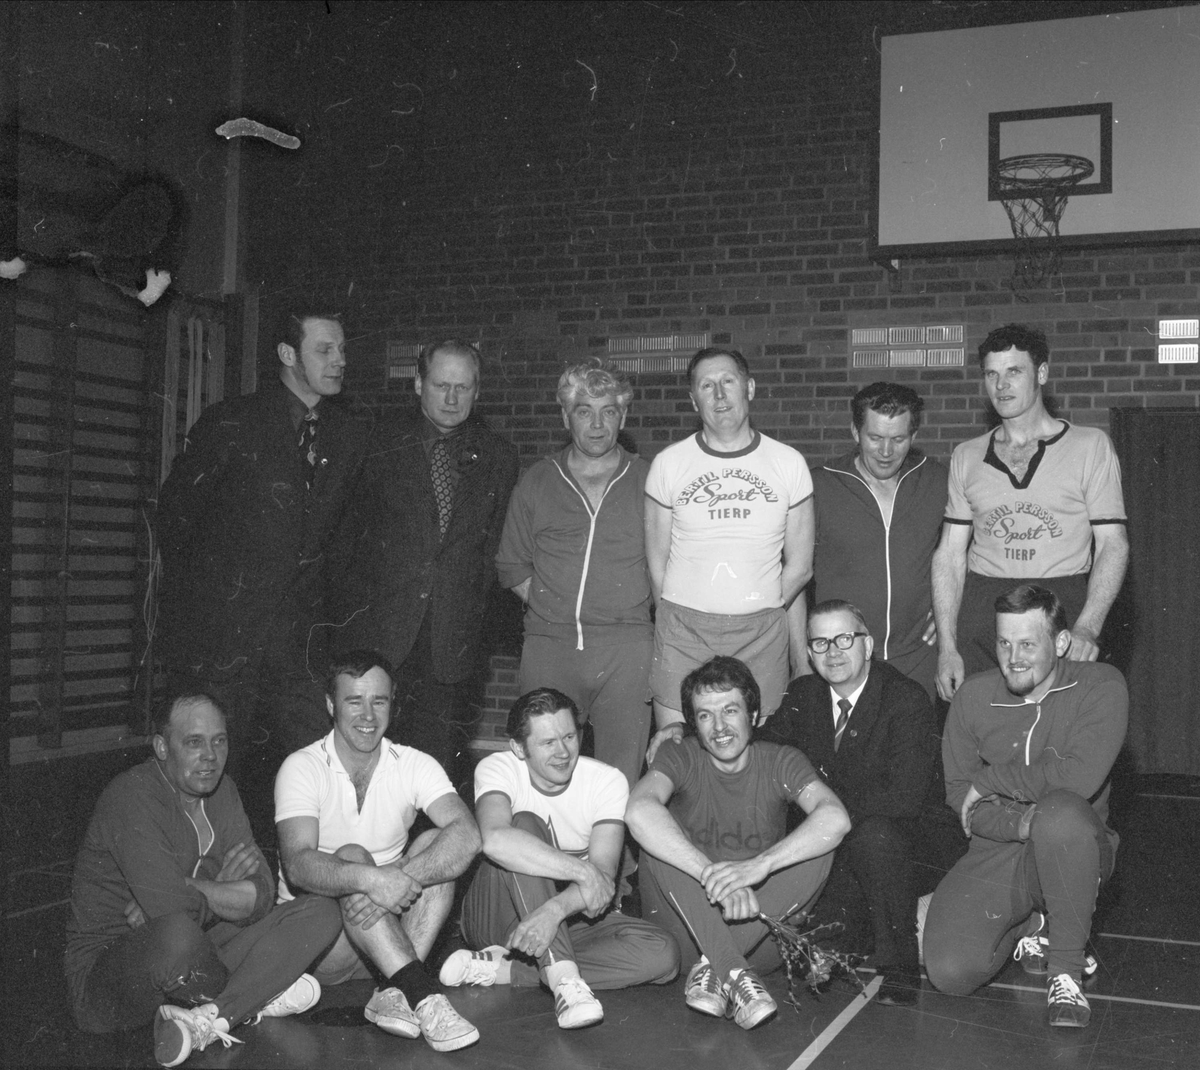 Ullfors motionsgymnastik, Ullfors, Tierps socken, Uppland april 1973